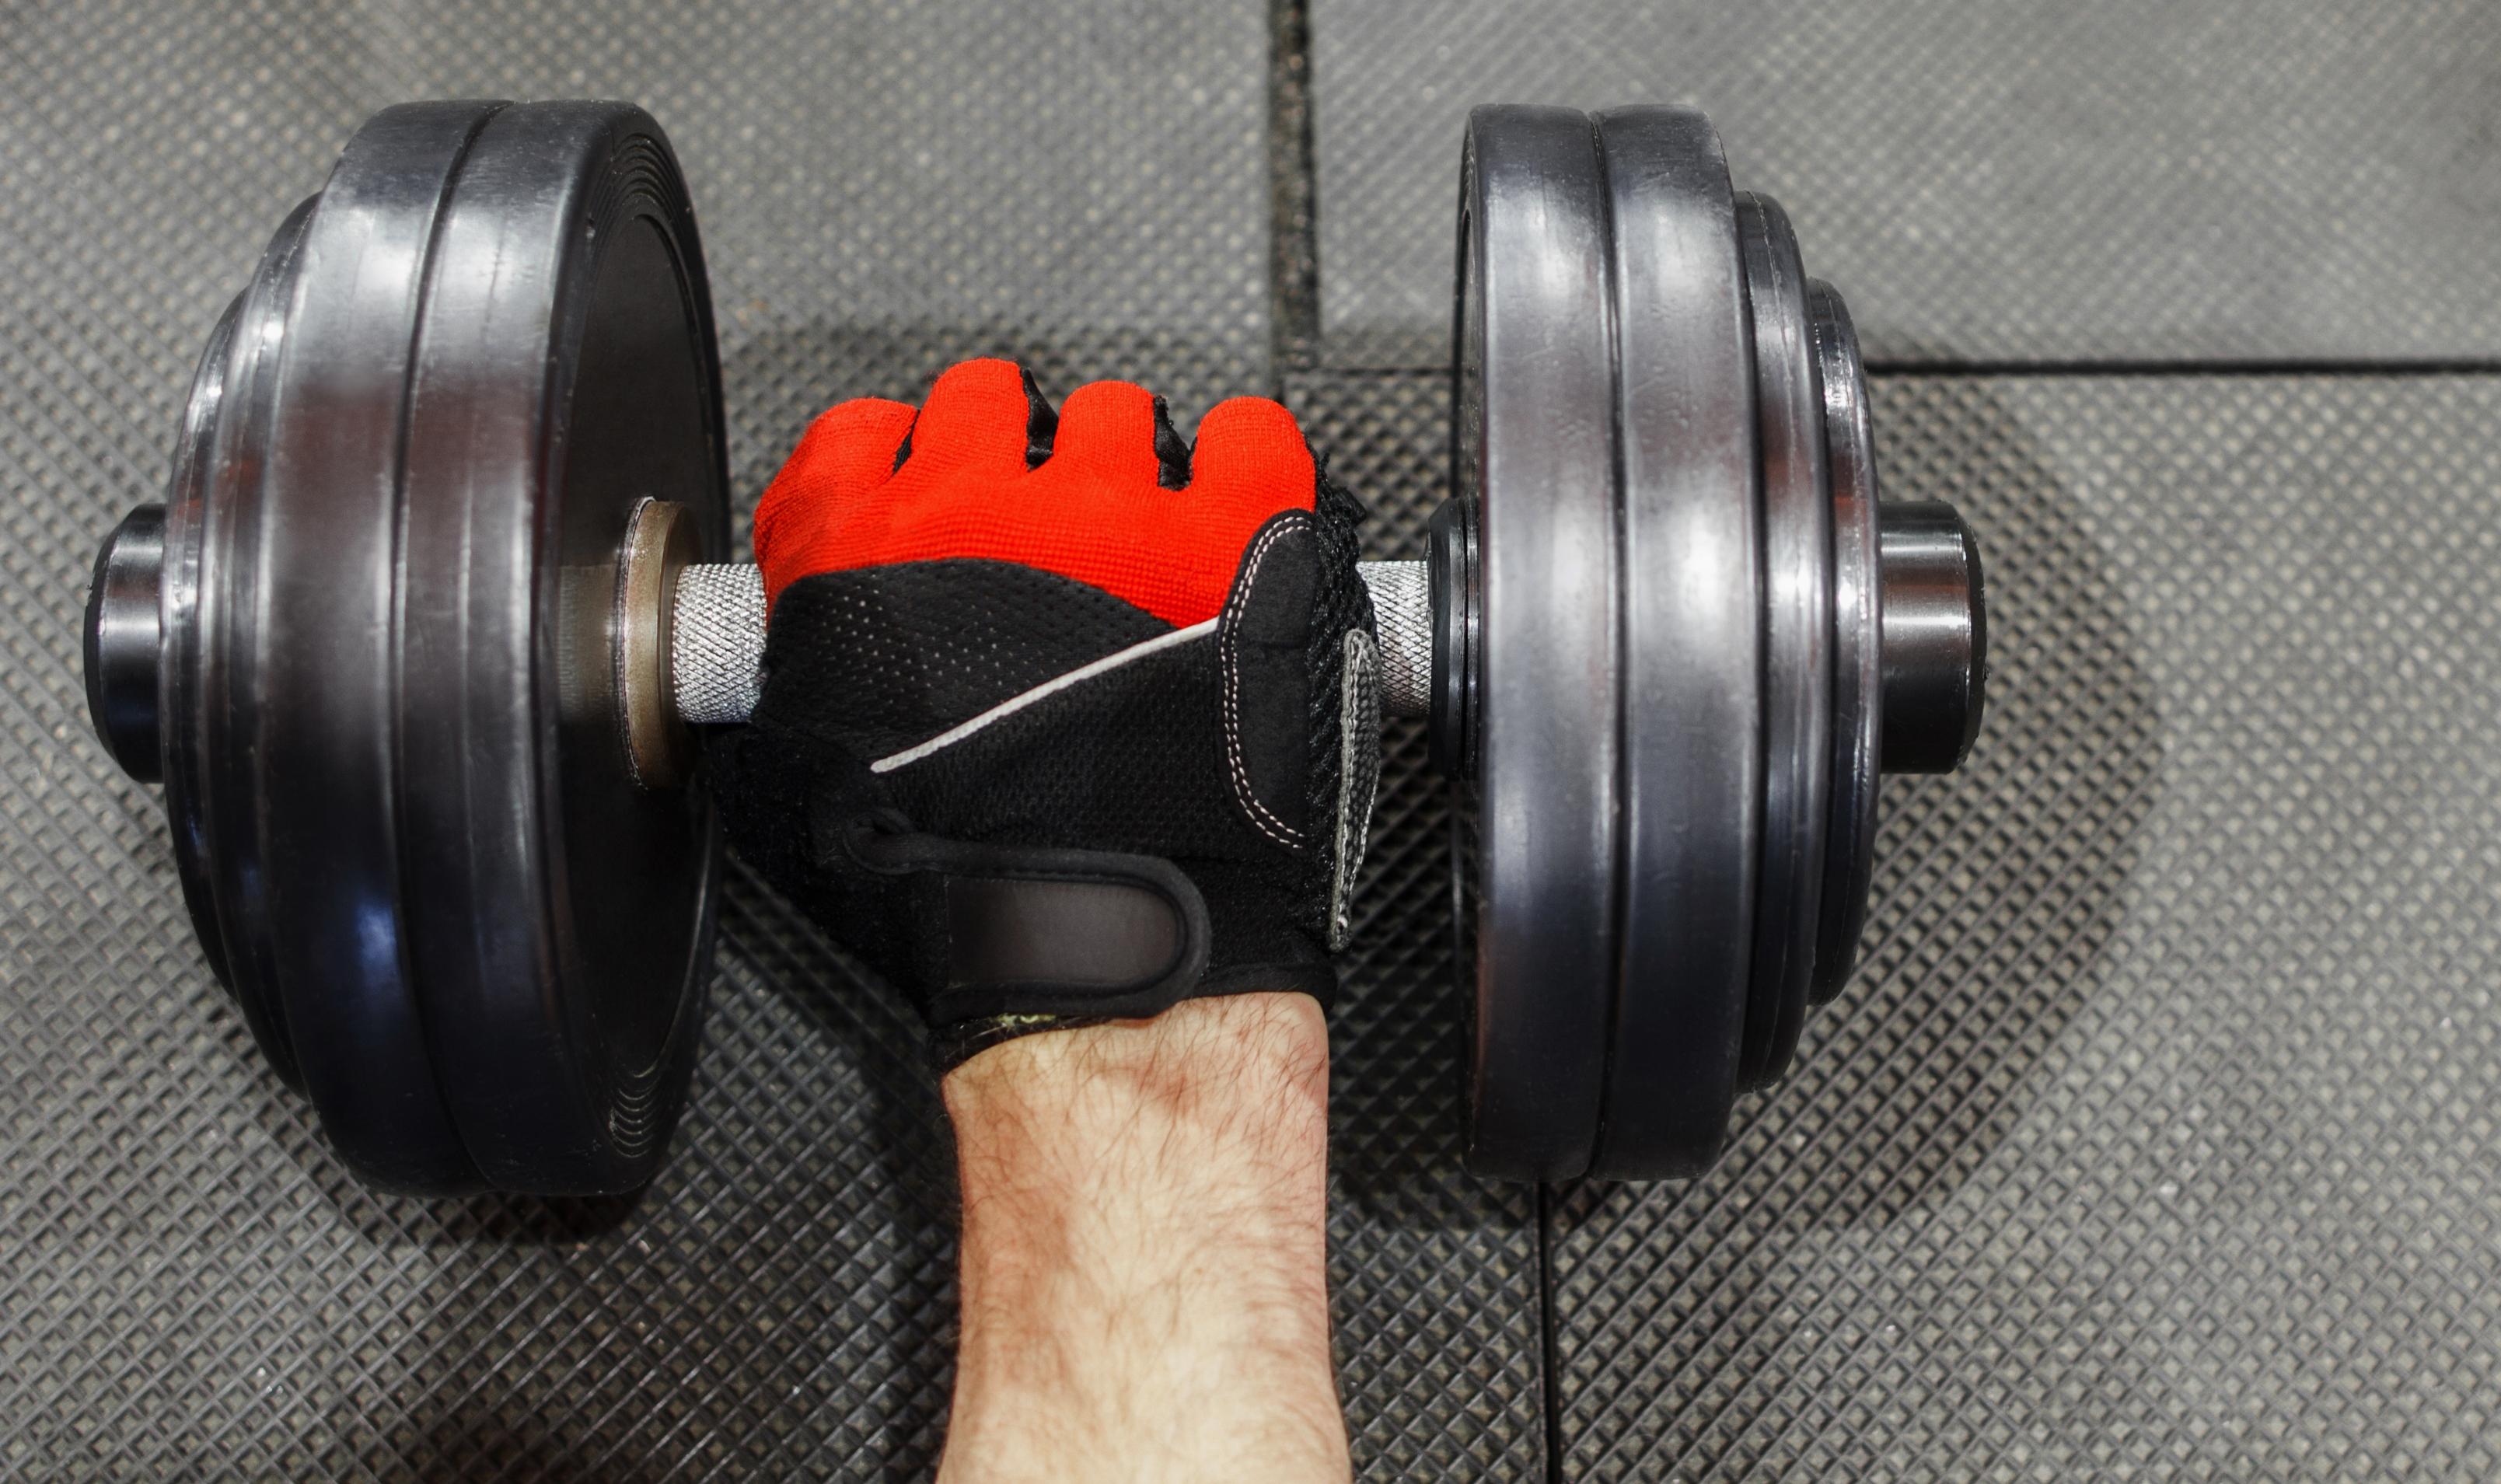 debes escoger los más adecuados a tus necesidades para prevenir lesiones y ganar confortabilidad.